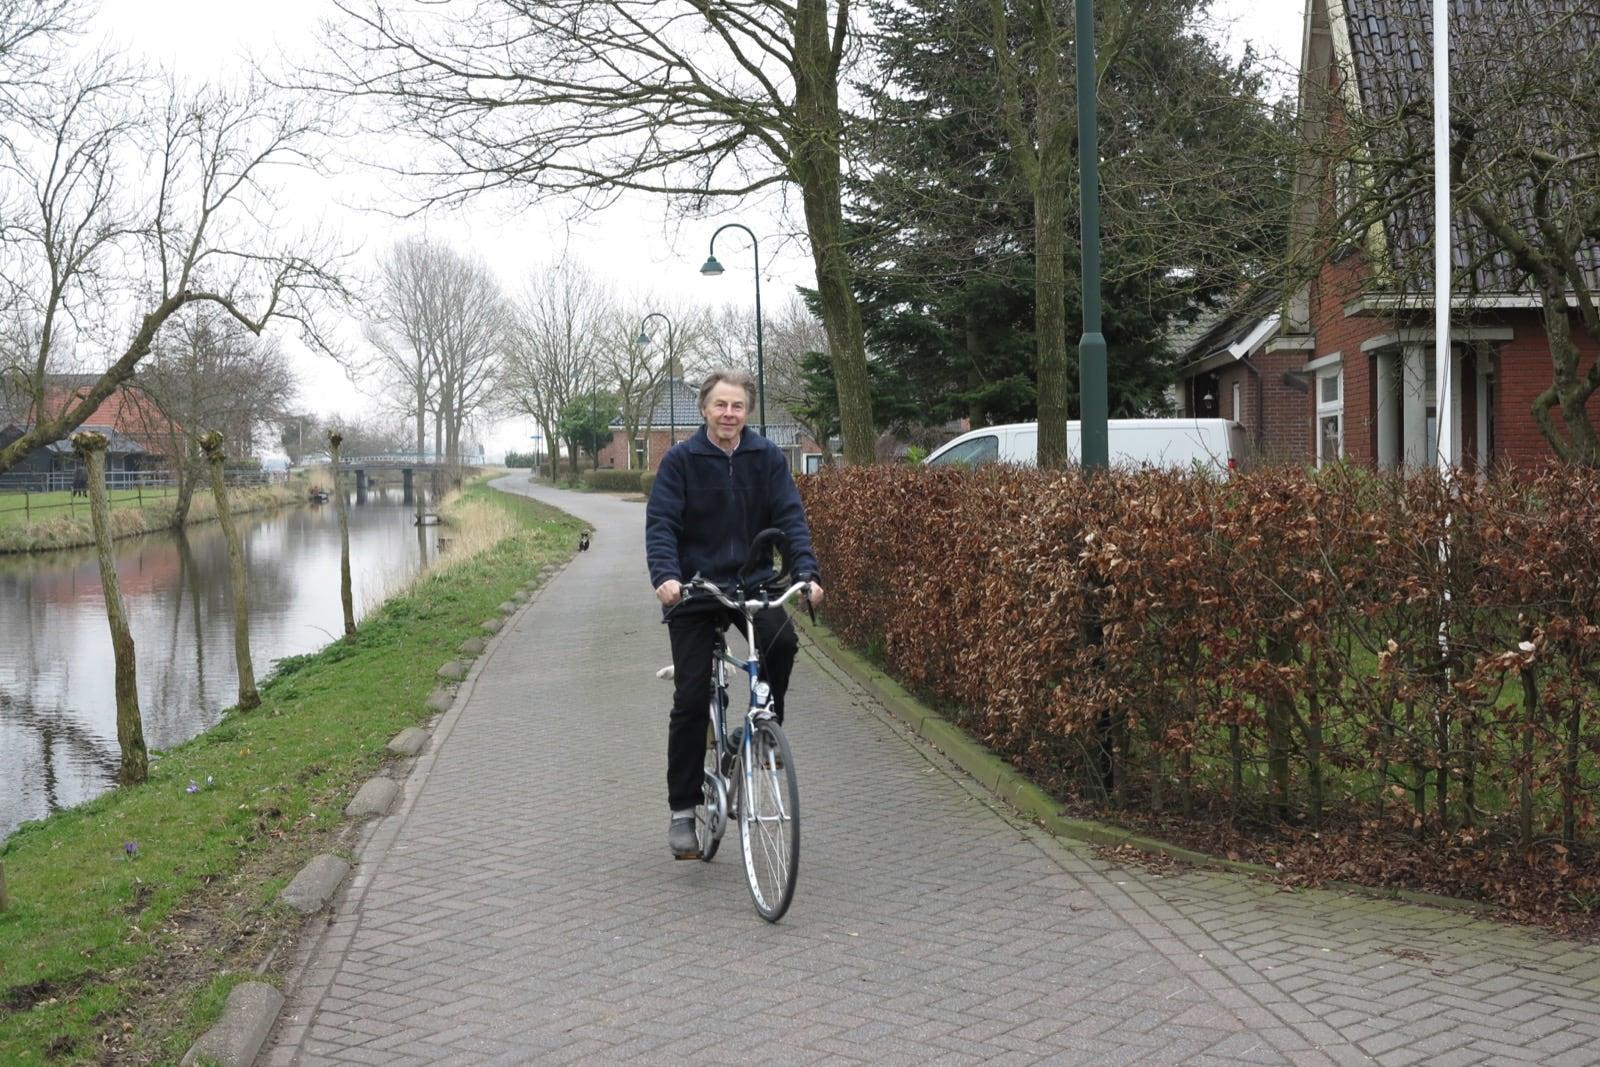 et-fiets-en-fietser-20-hans-meins-oi.jpg